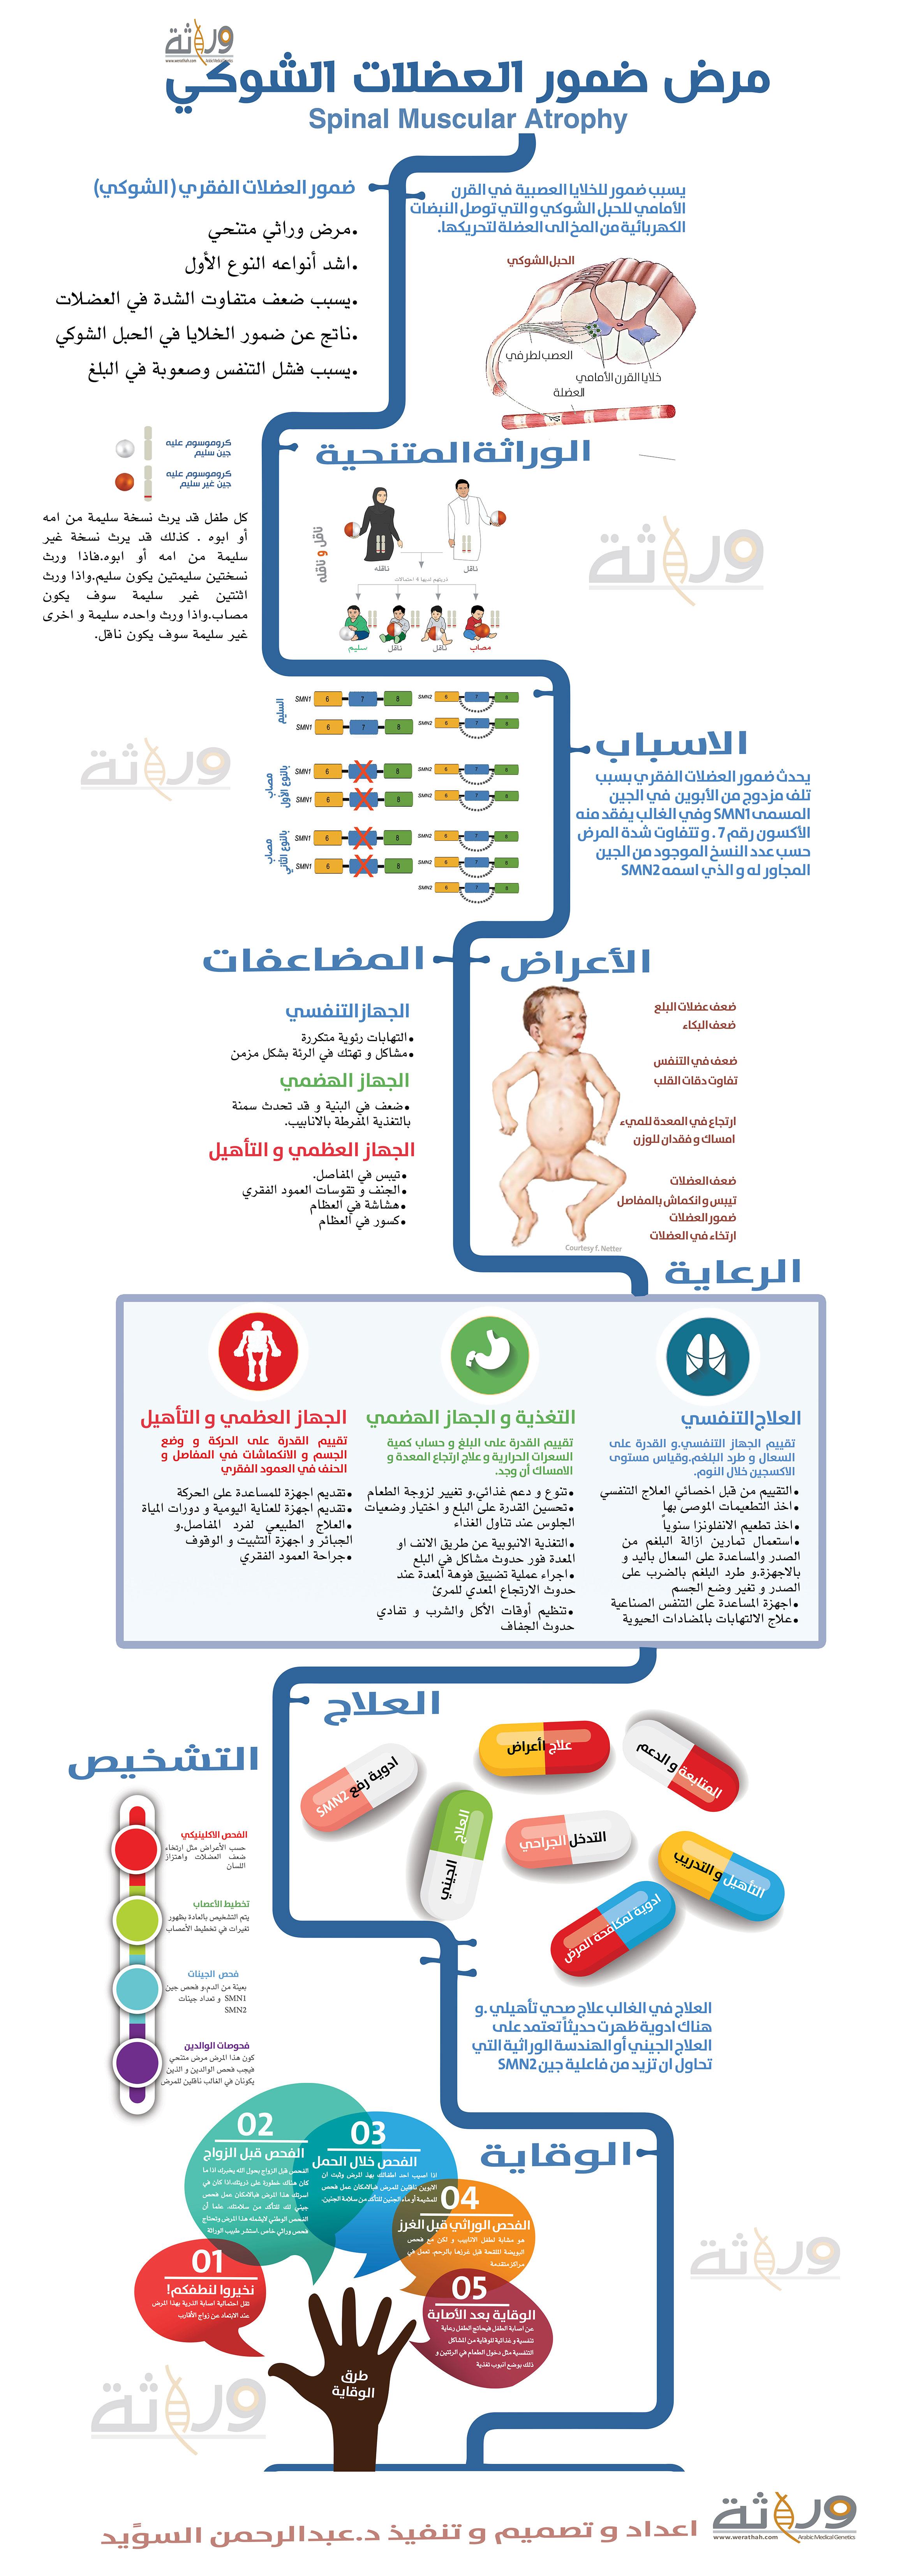 انفوجرافيك شرح عن ضمور العضلات الشوكي